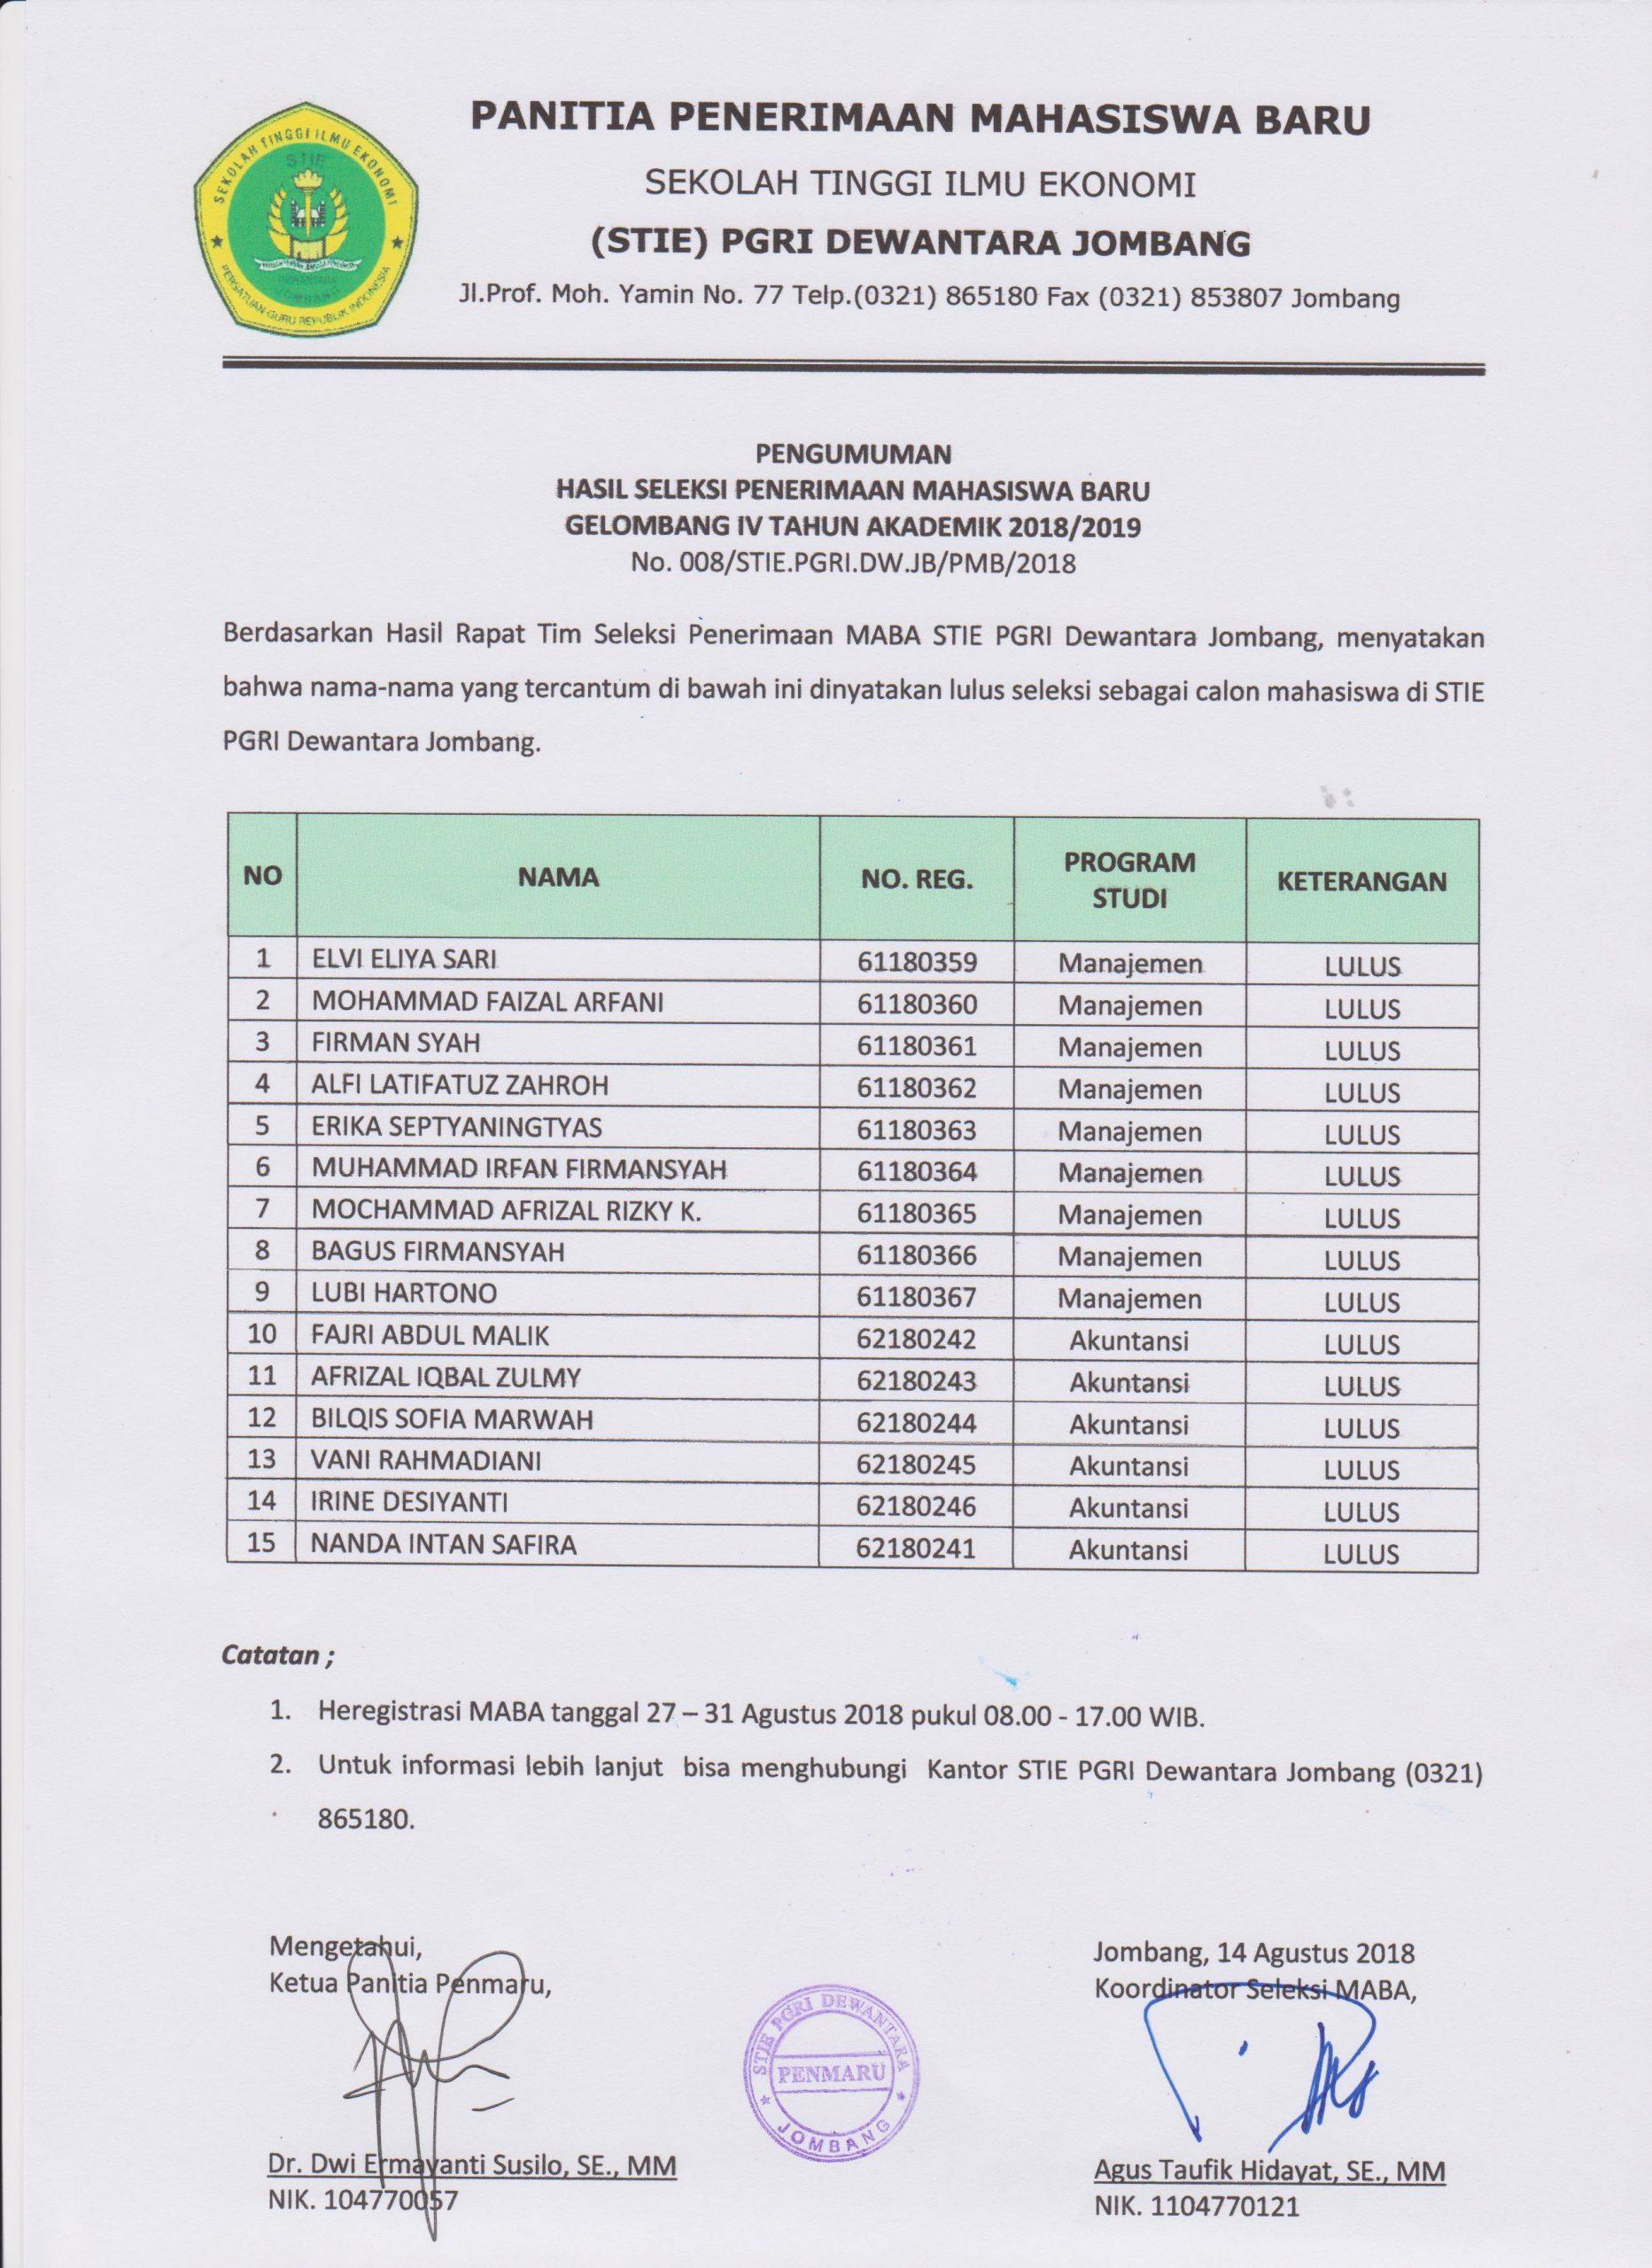 PENGUMUMAN HASIL SELEKSI PENERIMAAN MAHASISWA BARU GELOMBANG IV TAHUN AKADEMIK 2018/2019